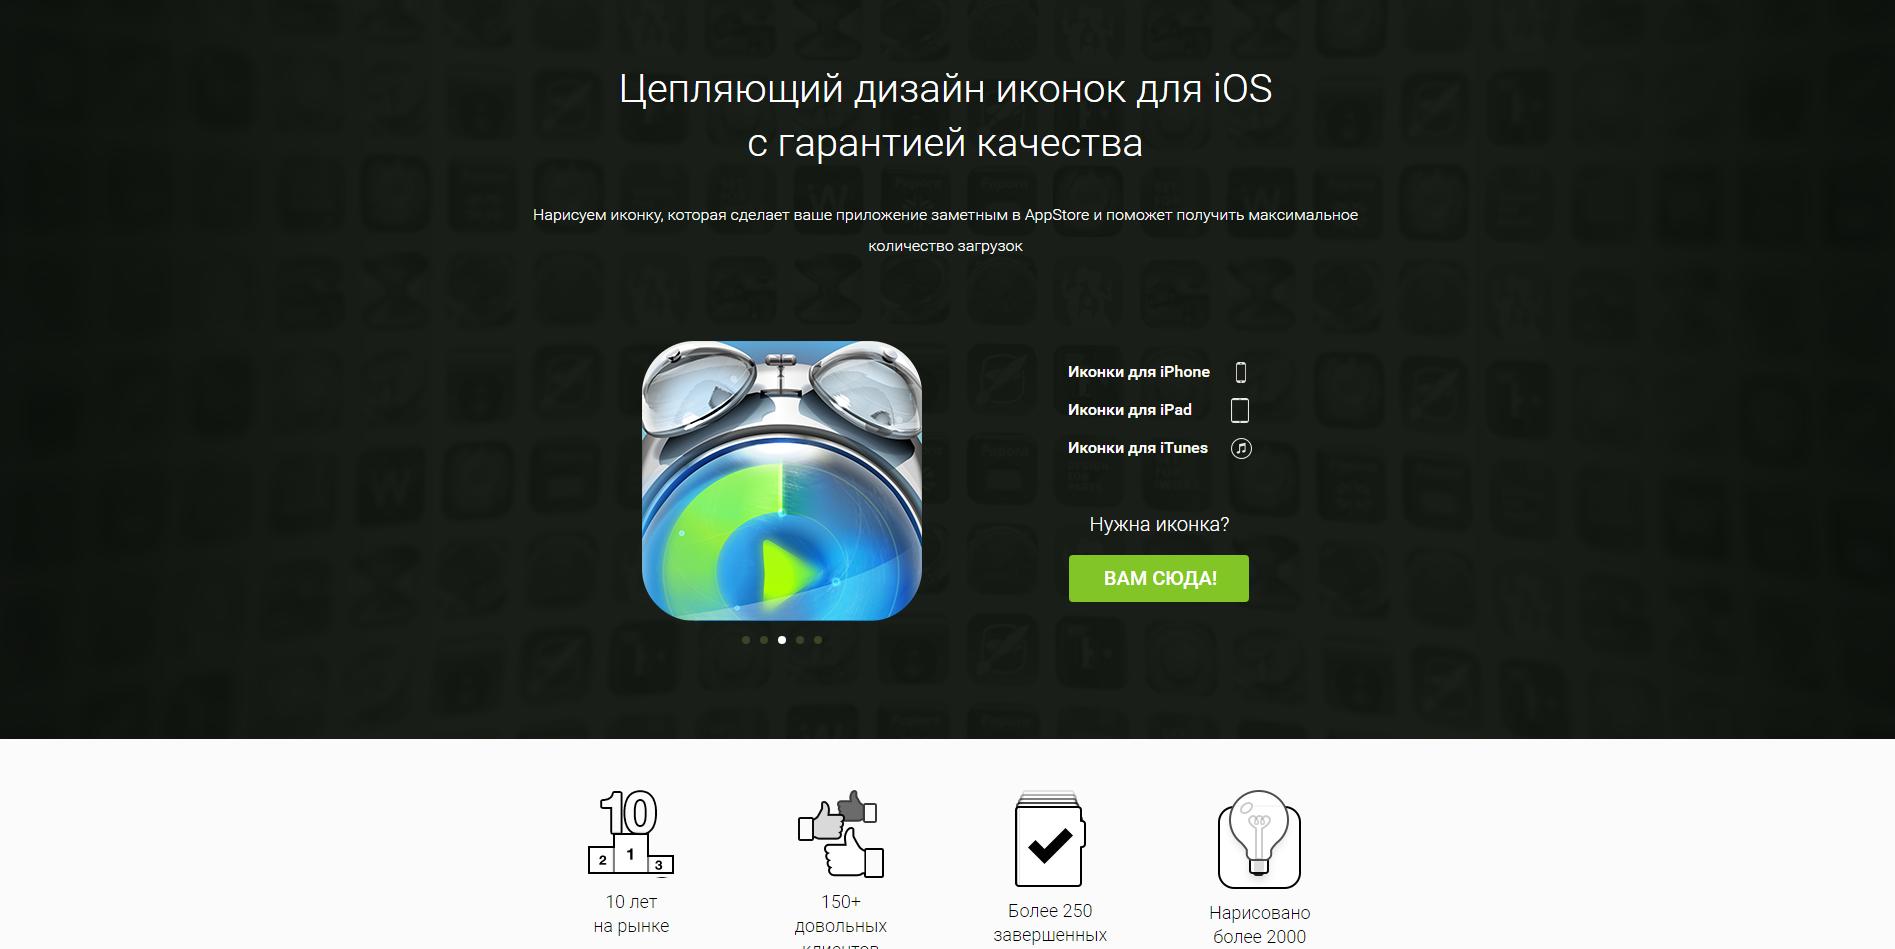 http://www.icondesignlab.com/ru/ios-icons/